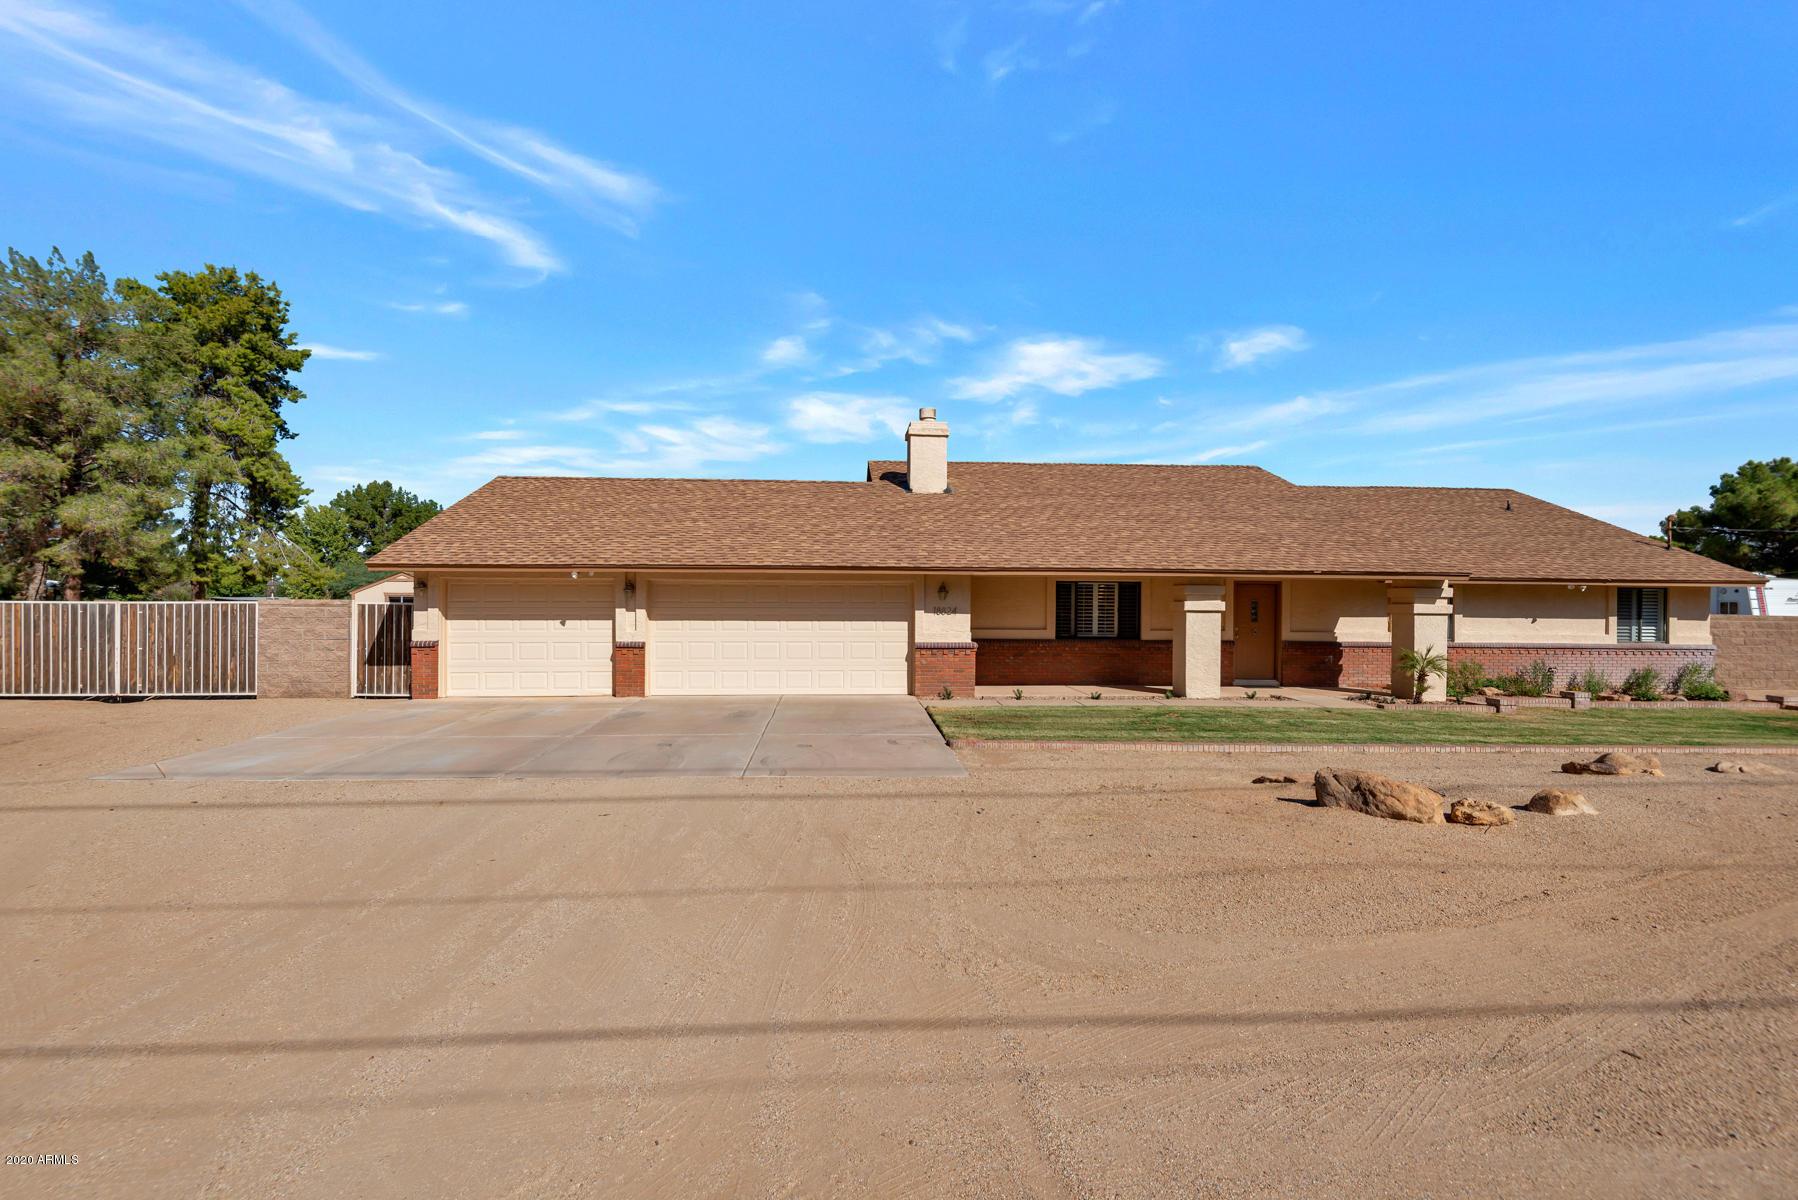 18824 Cloud Road, Queen Creek, Arizona 85142, 3 Bedrooms Bedrooms, ,3 BathroomsBathrooms,Residential,For Sale,Cloud,6153808